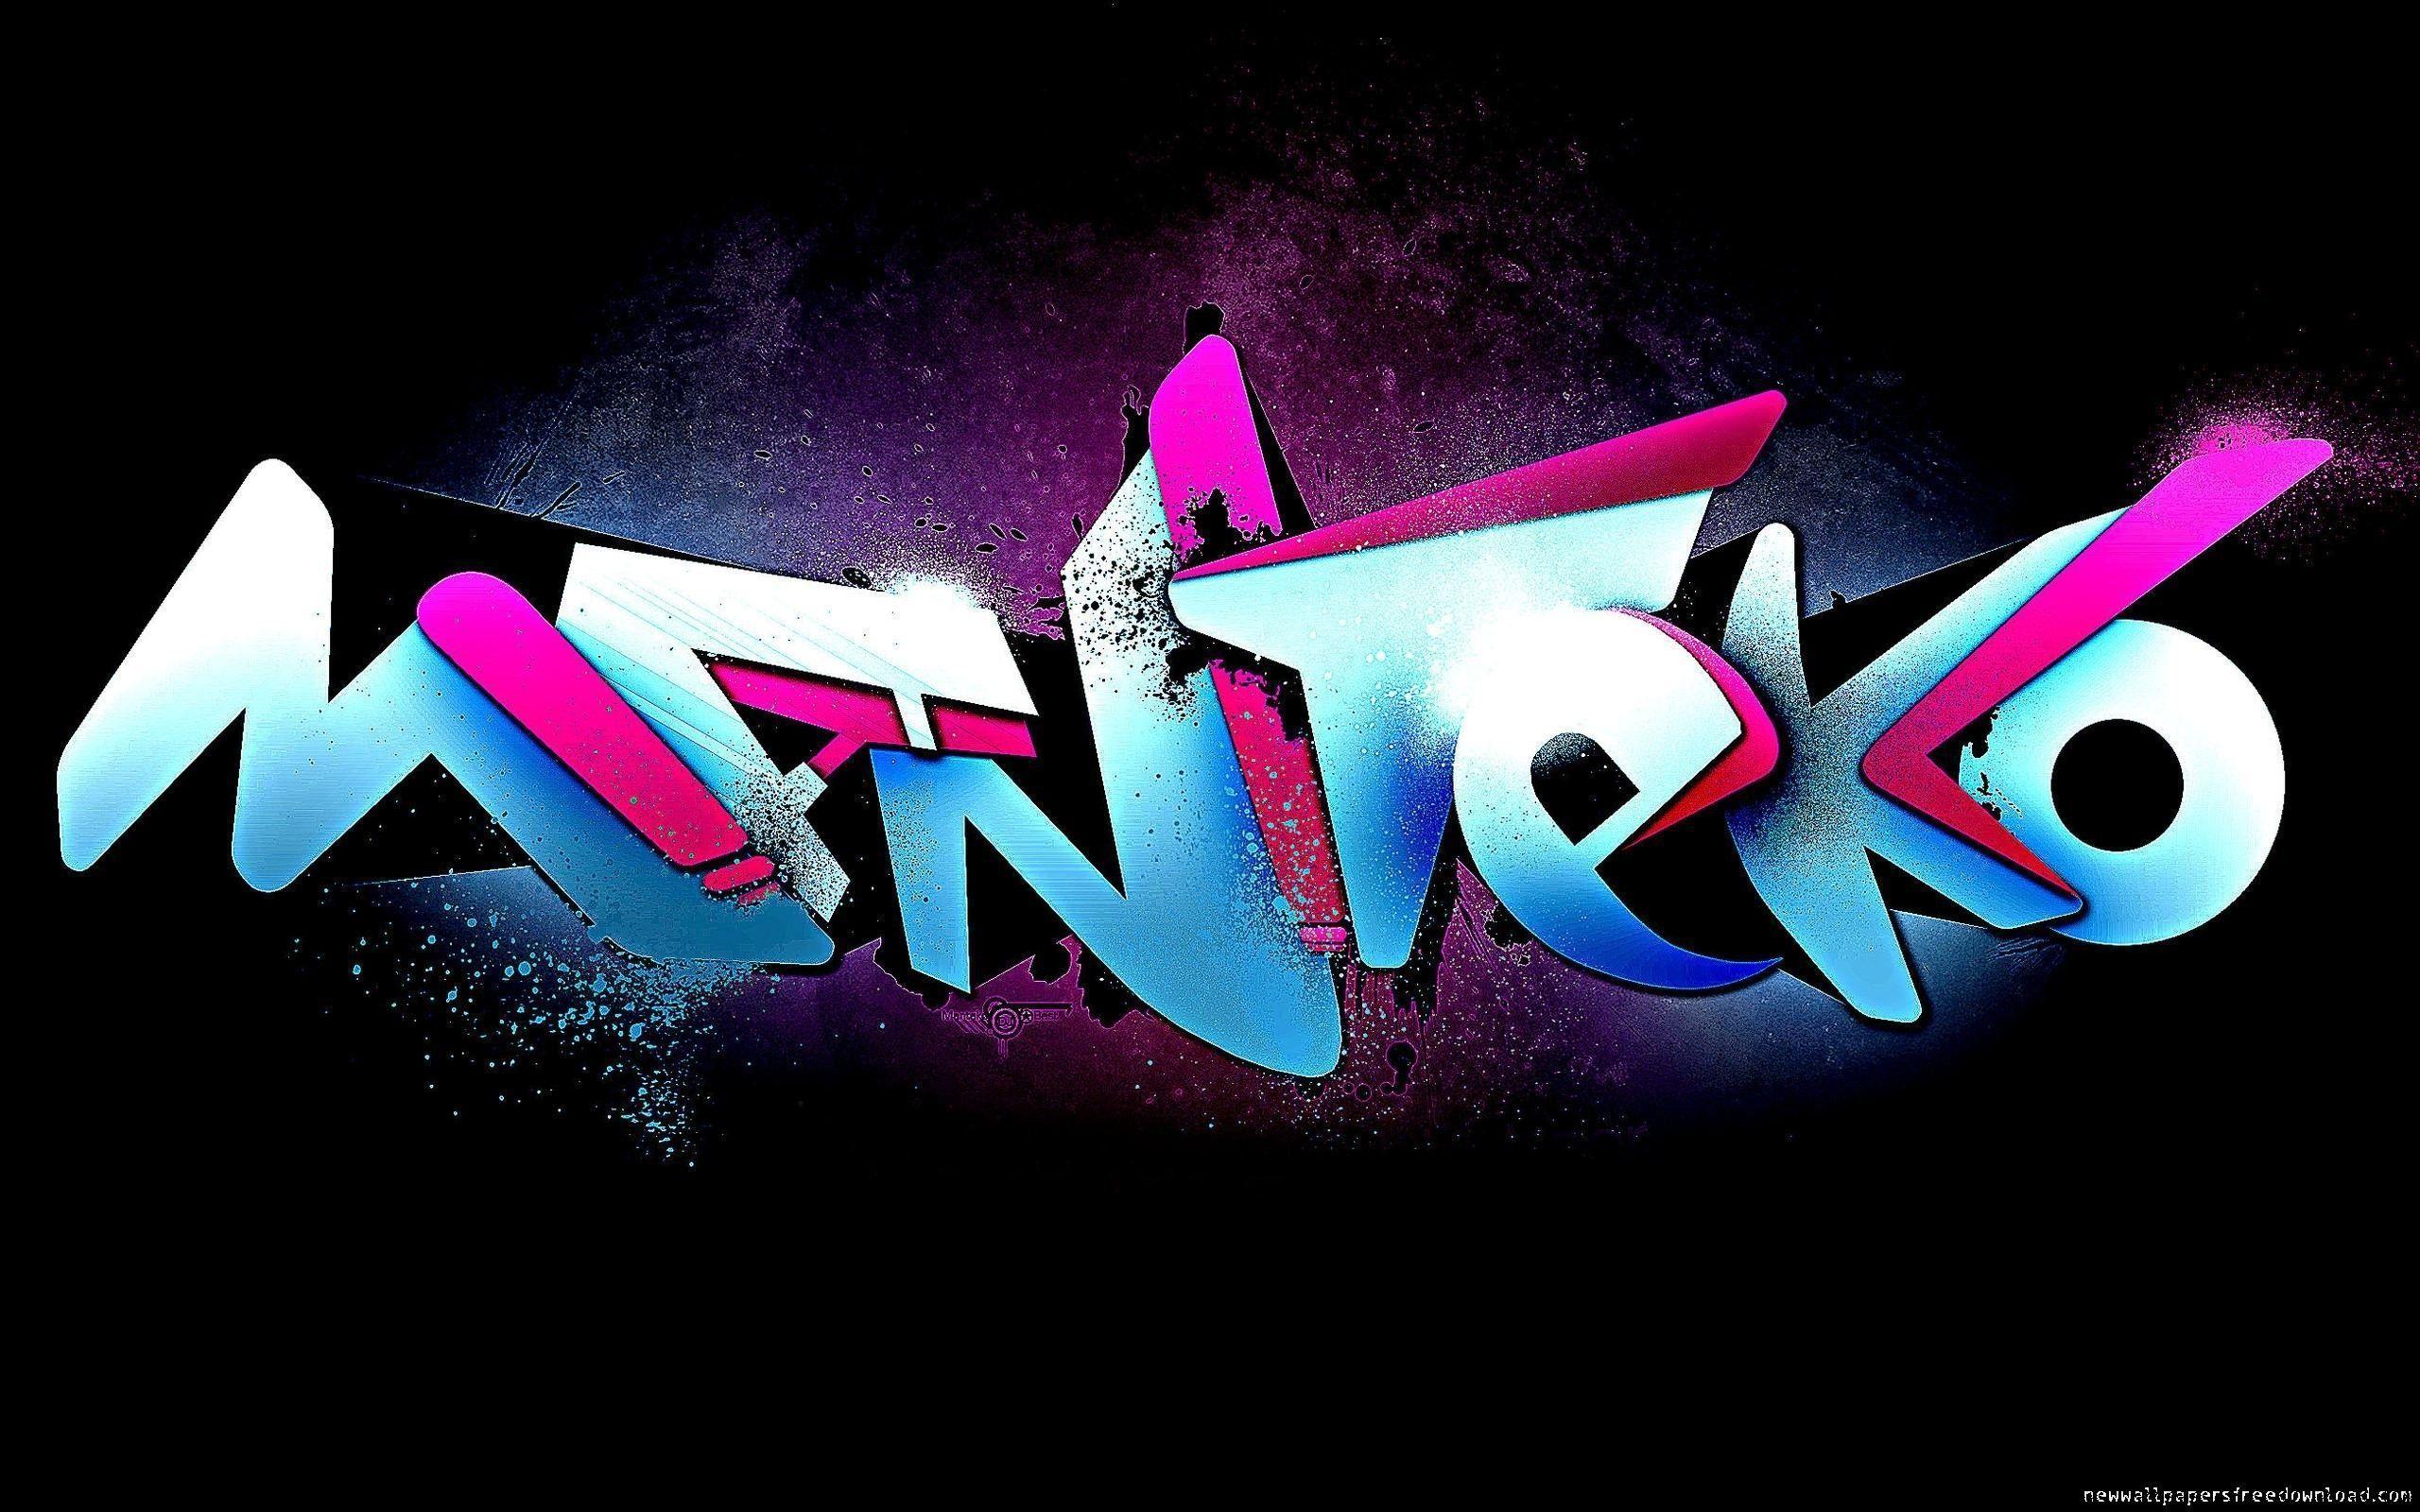 3D Graffiti Desktop Wallpapers Top Free 3D Graffiti